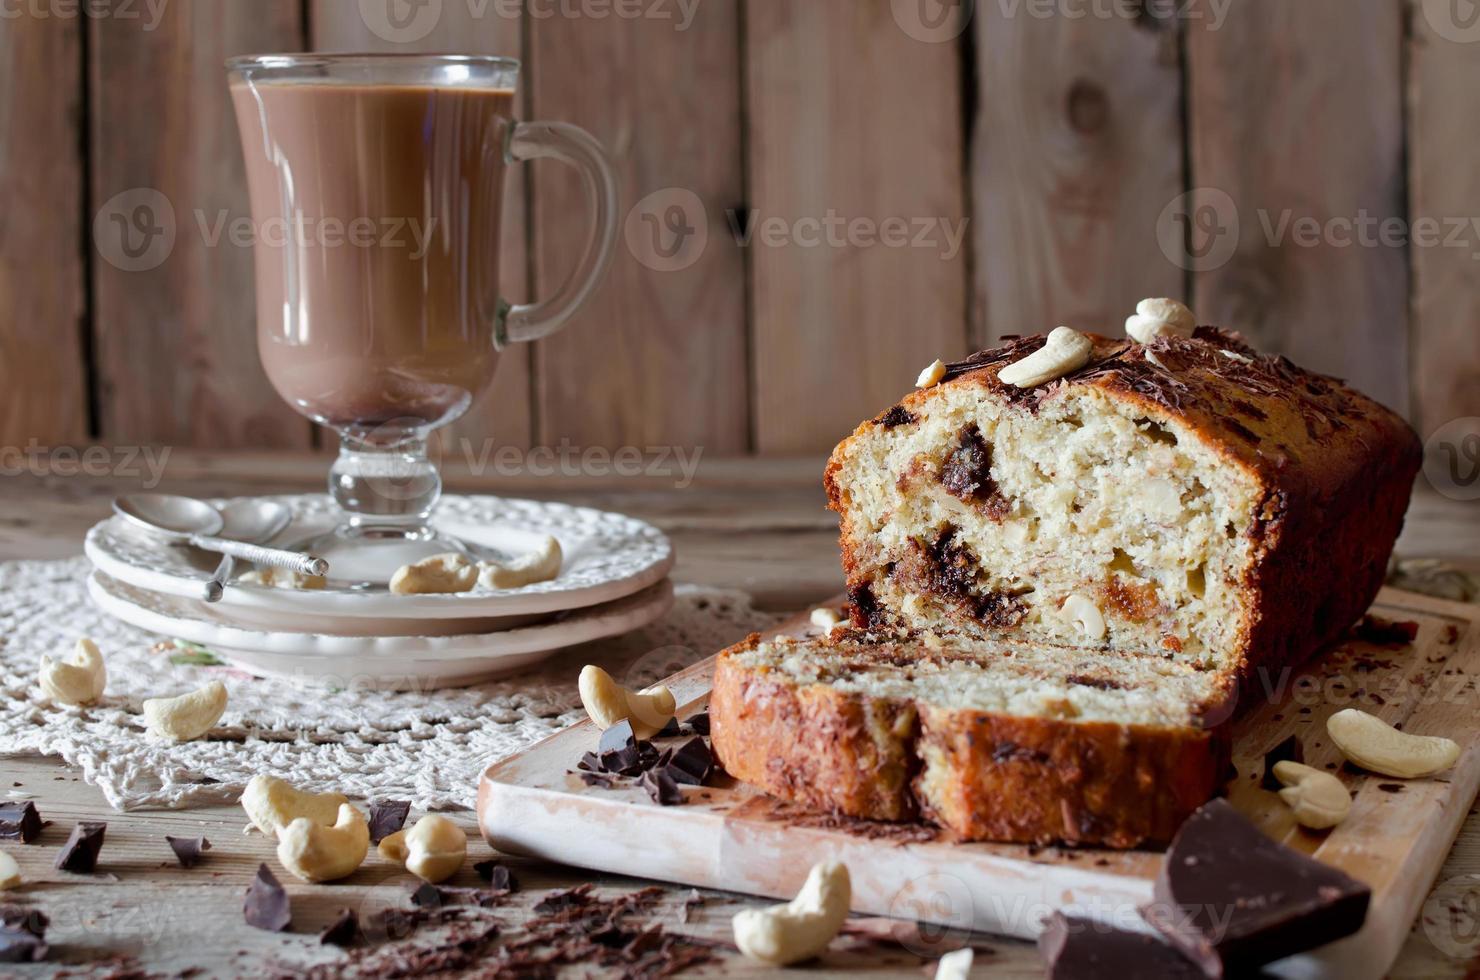 cupcake de banana com chocolate e castanha de caju foto